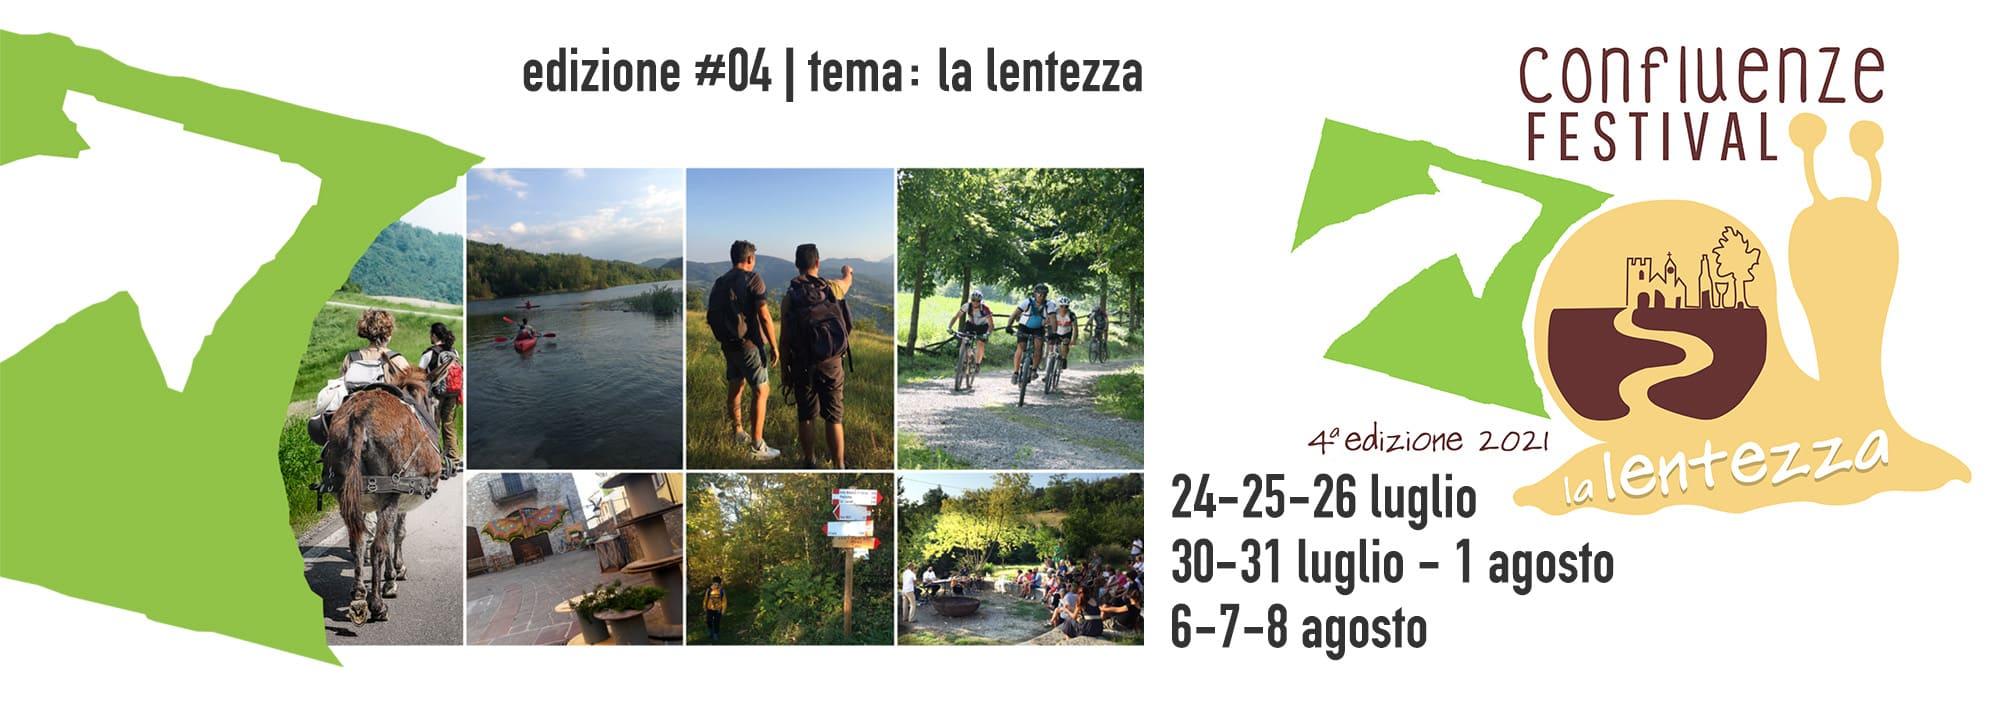 Confluenze Festival 2021